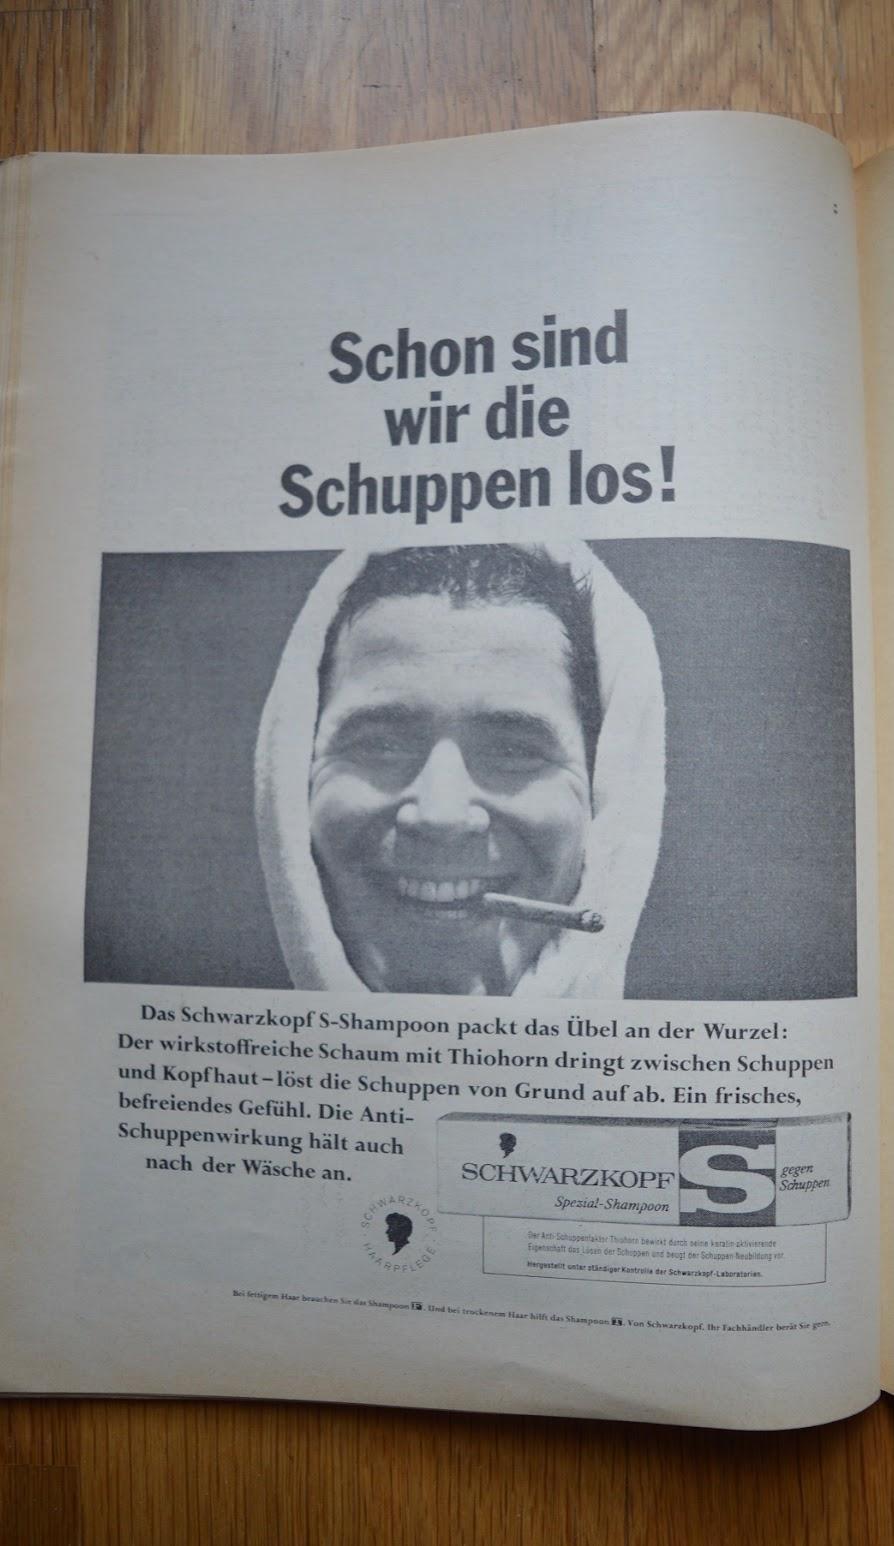 DER SPIEGEL, 29. April 1964 - Werbung für Shampoon